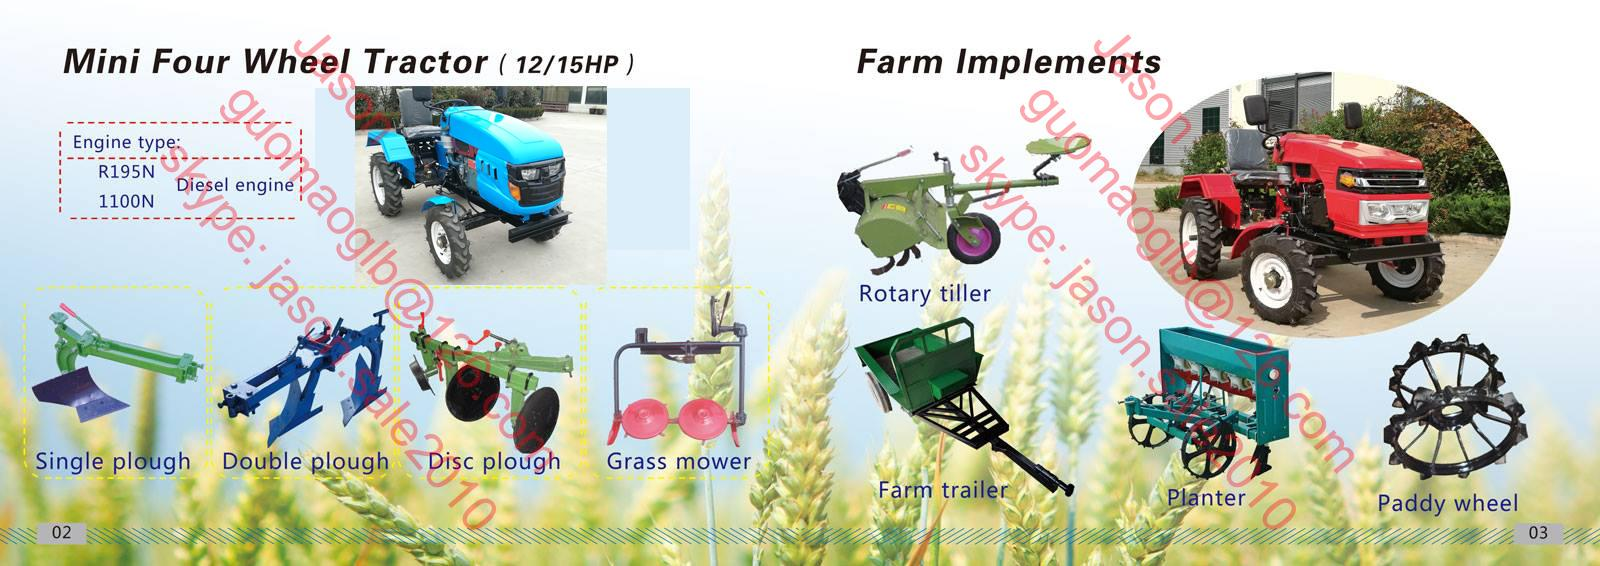 mini four wheel tractor,12/15hp 3